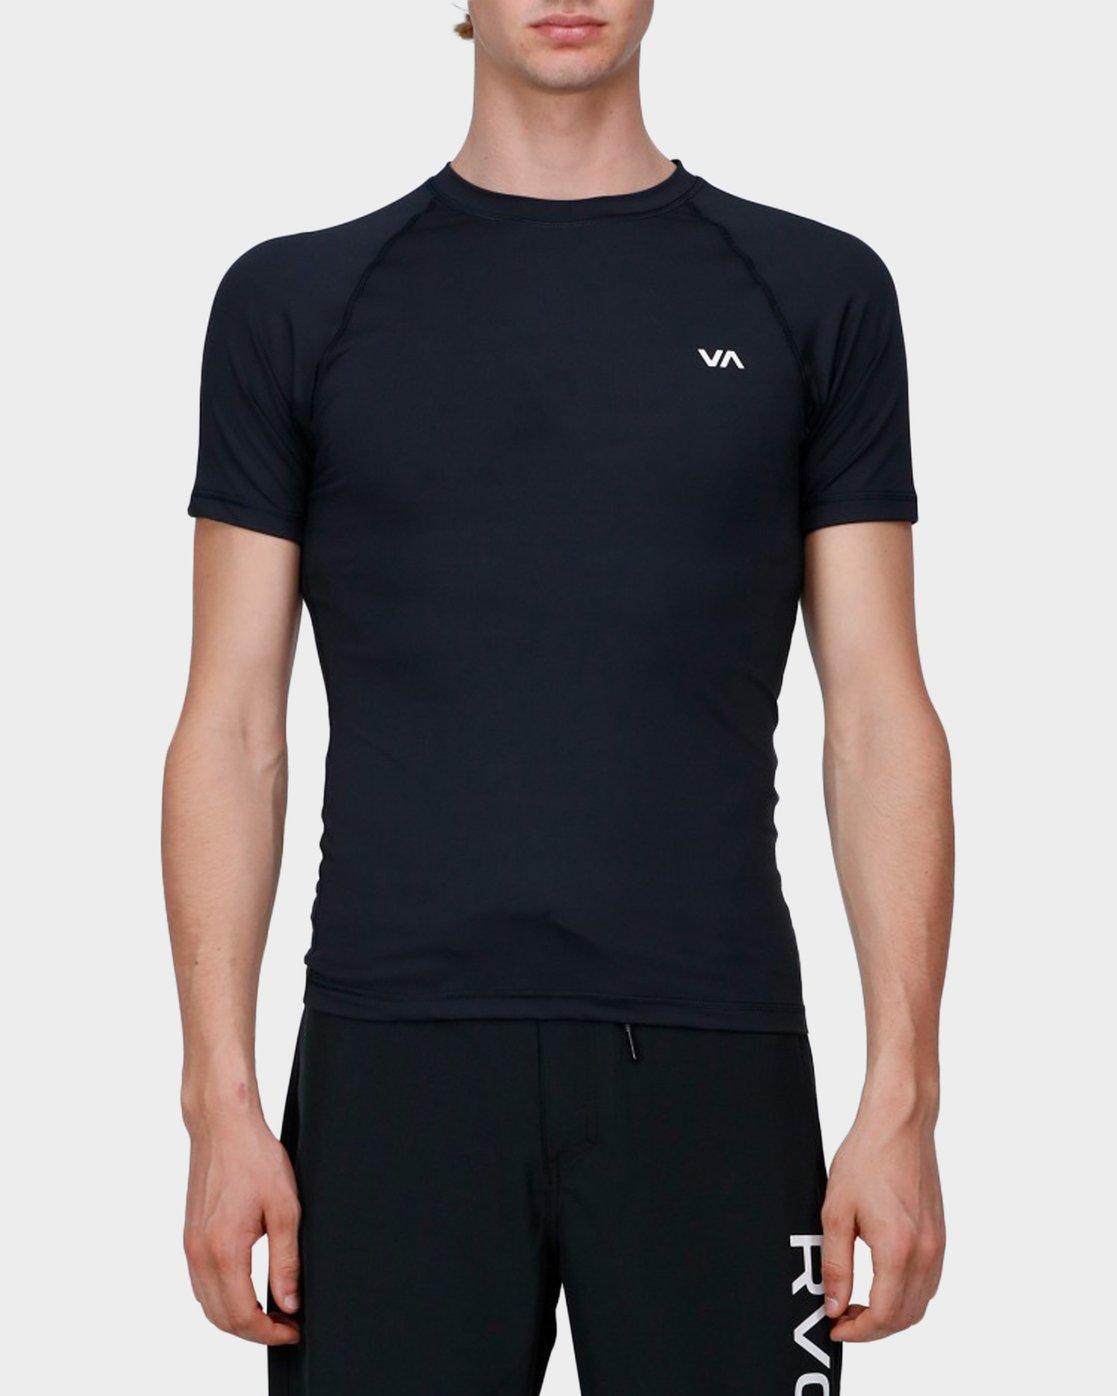 0 Va Sport Compression T-Shirt Black R371362 RVCA